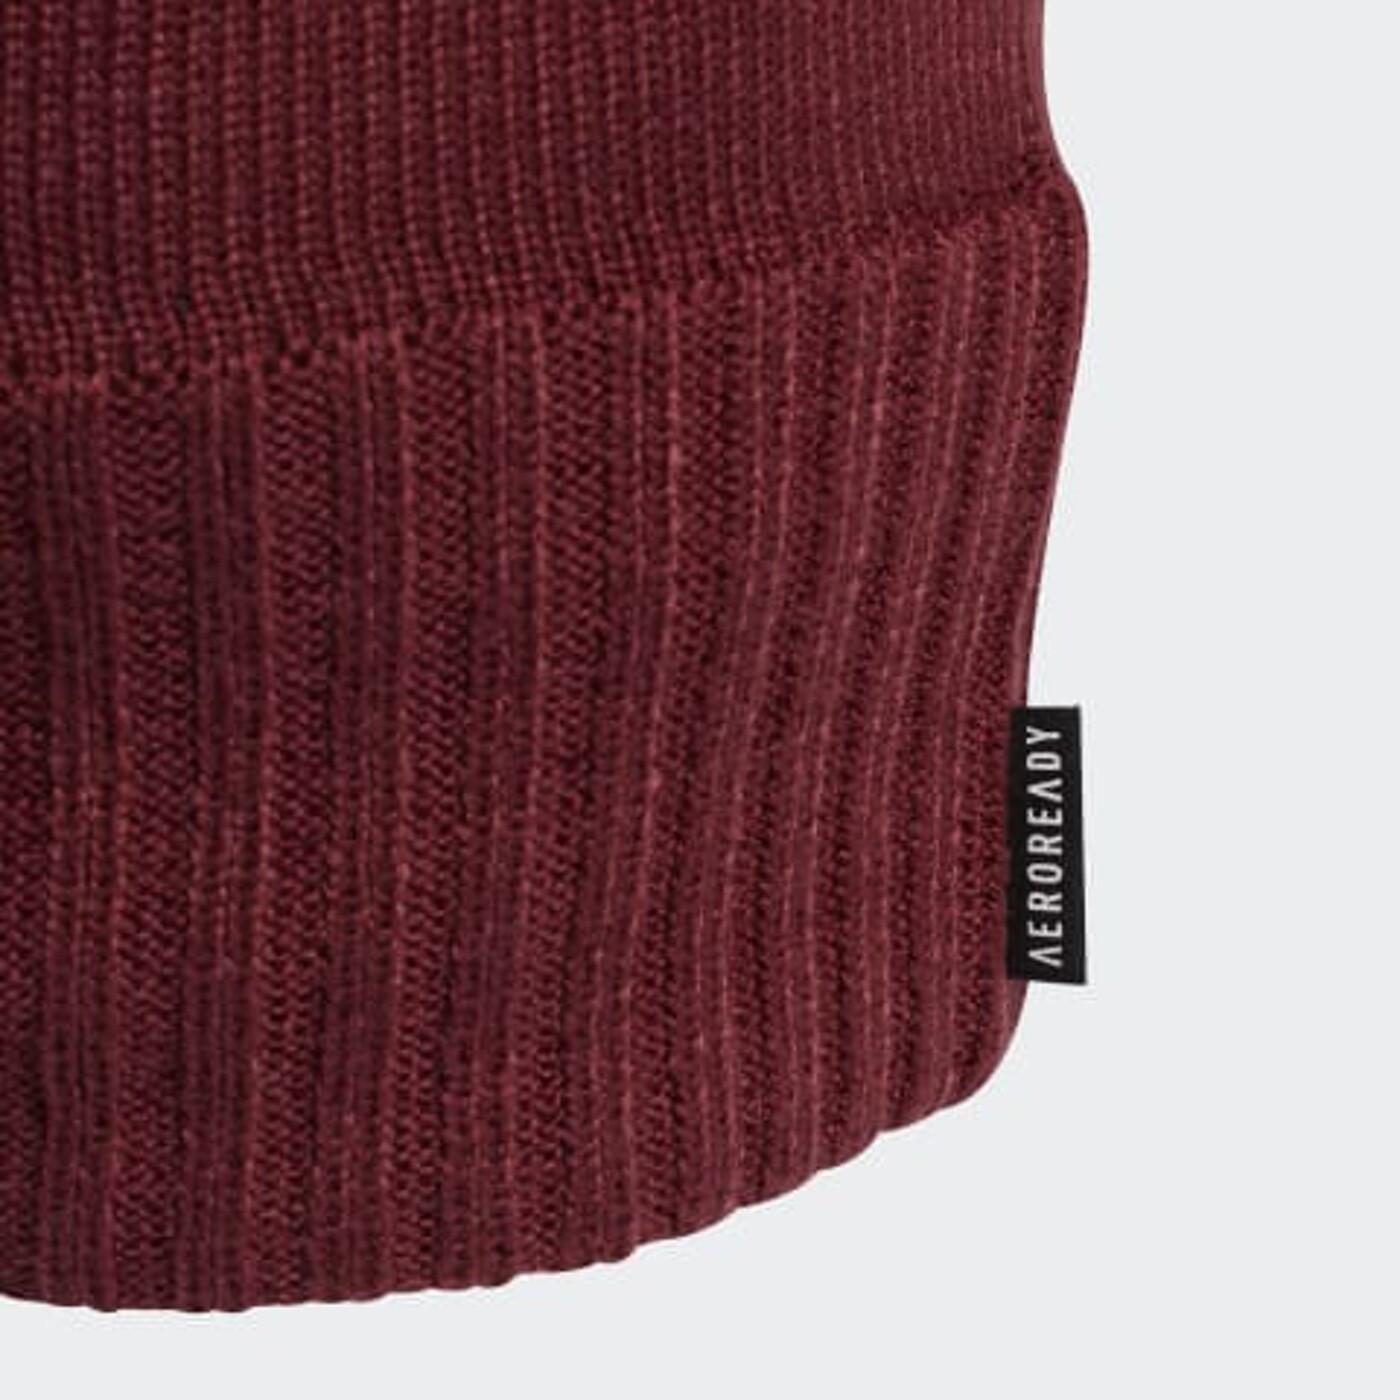 Mütze BEANIE HF A.R. Adidas - Herren